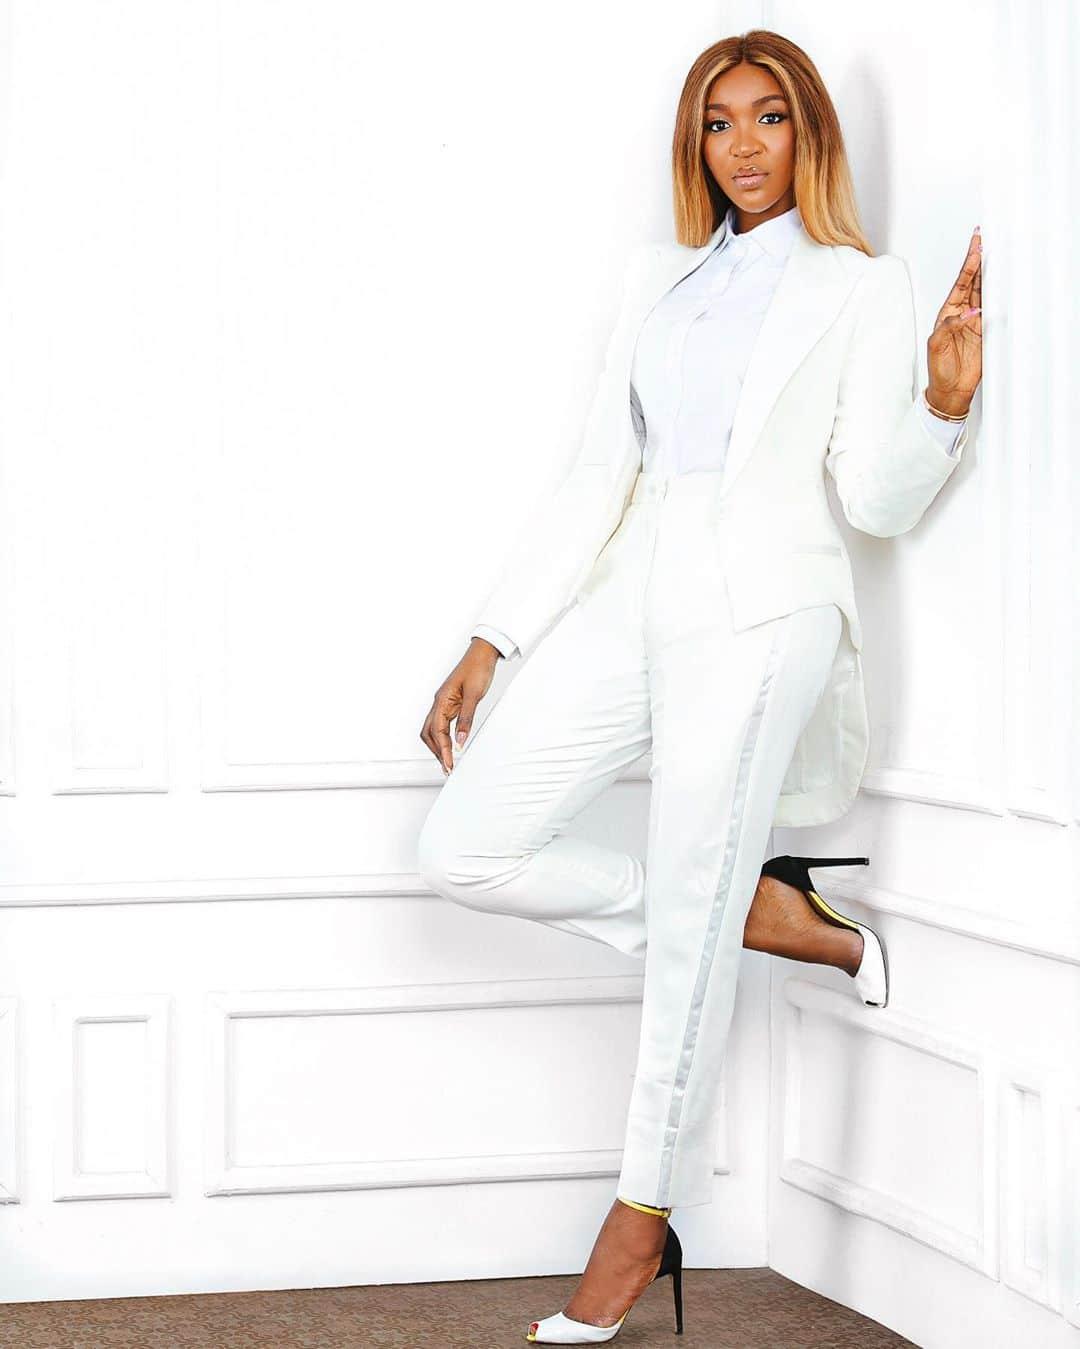 Idia-aisien-white-pant-suit